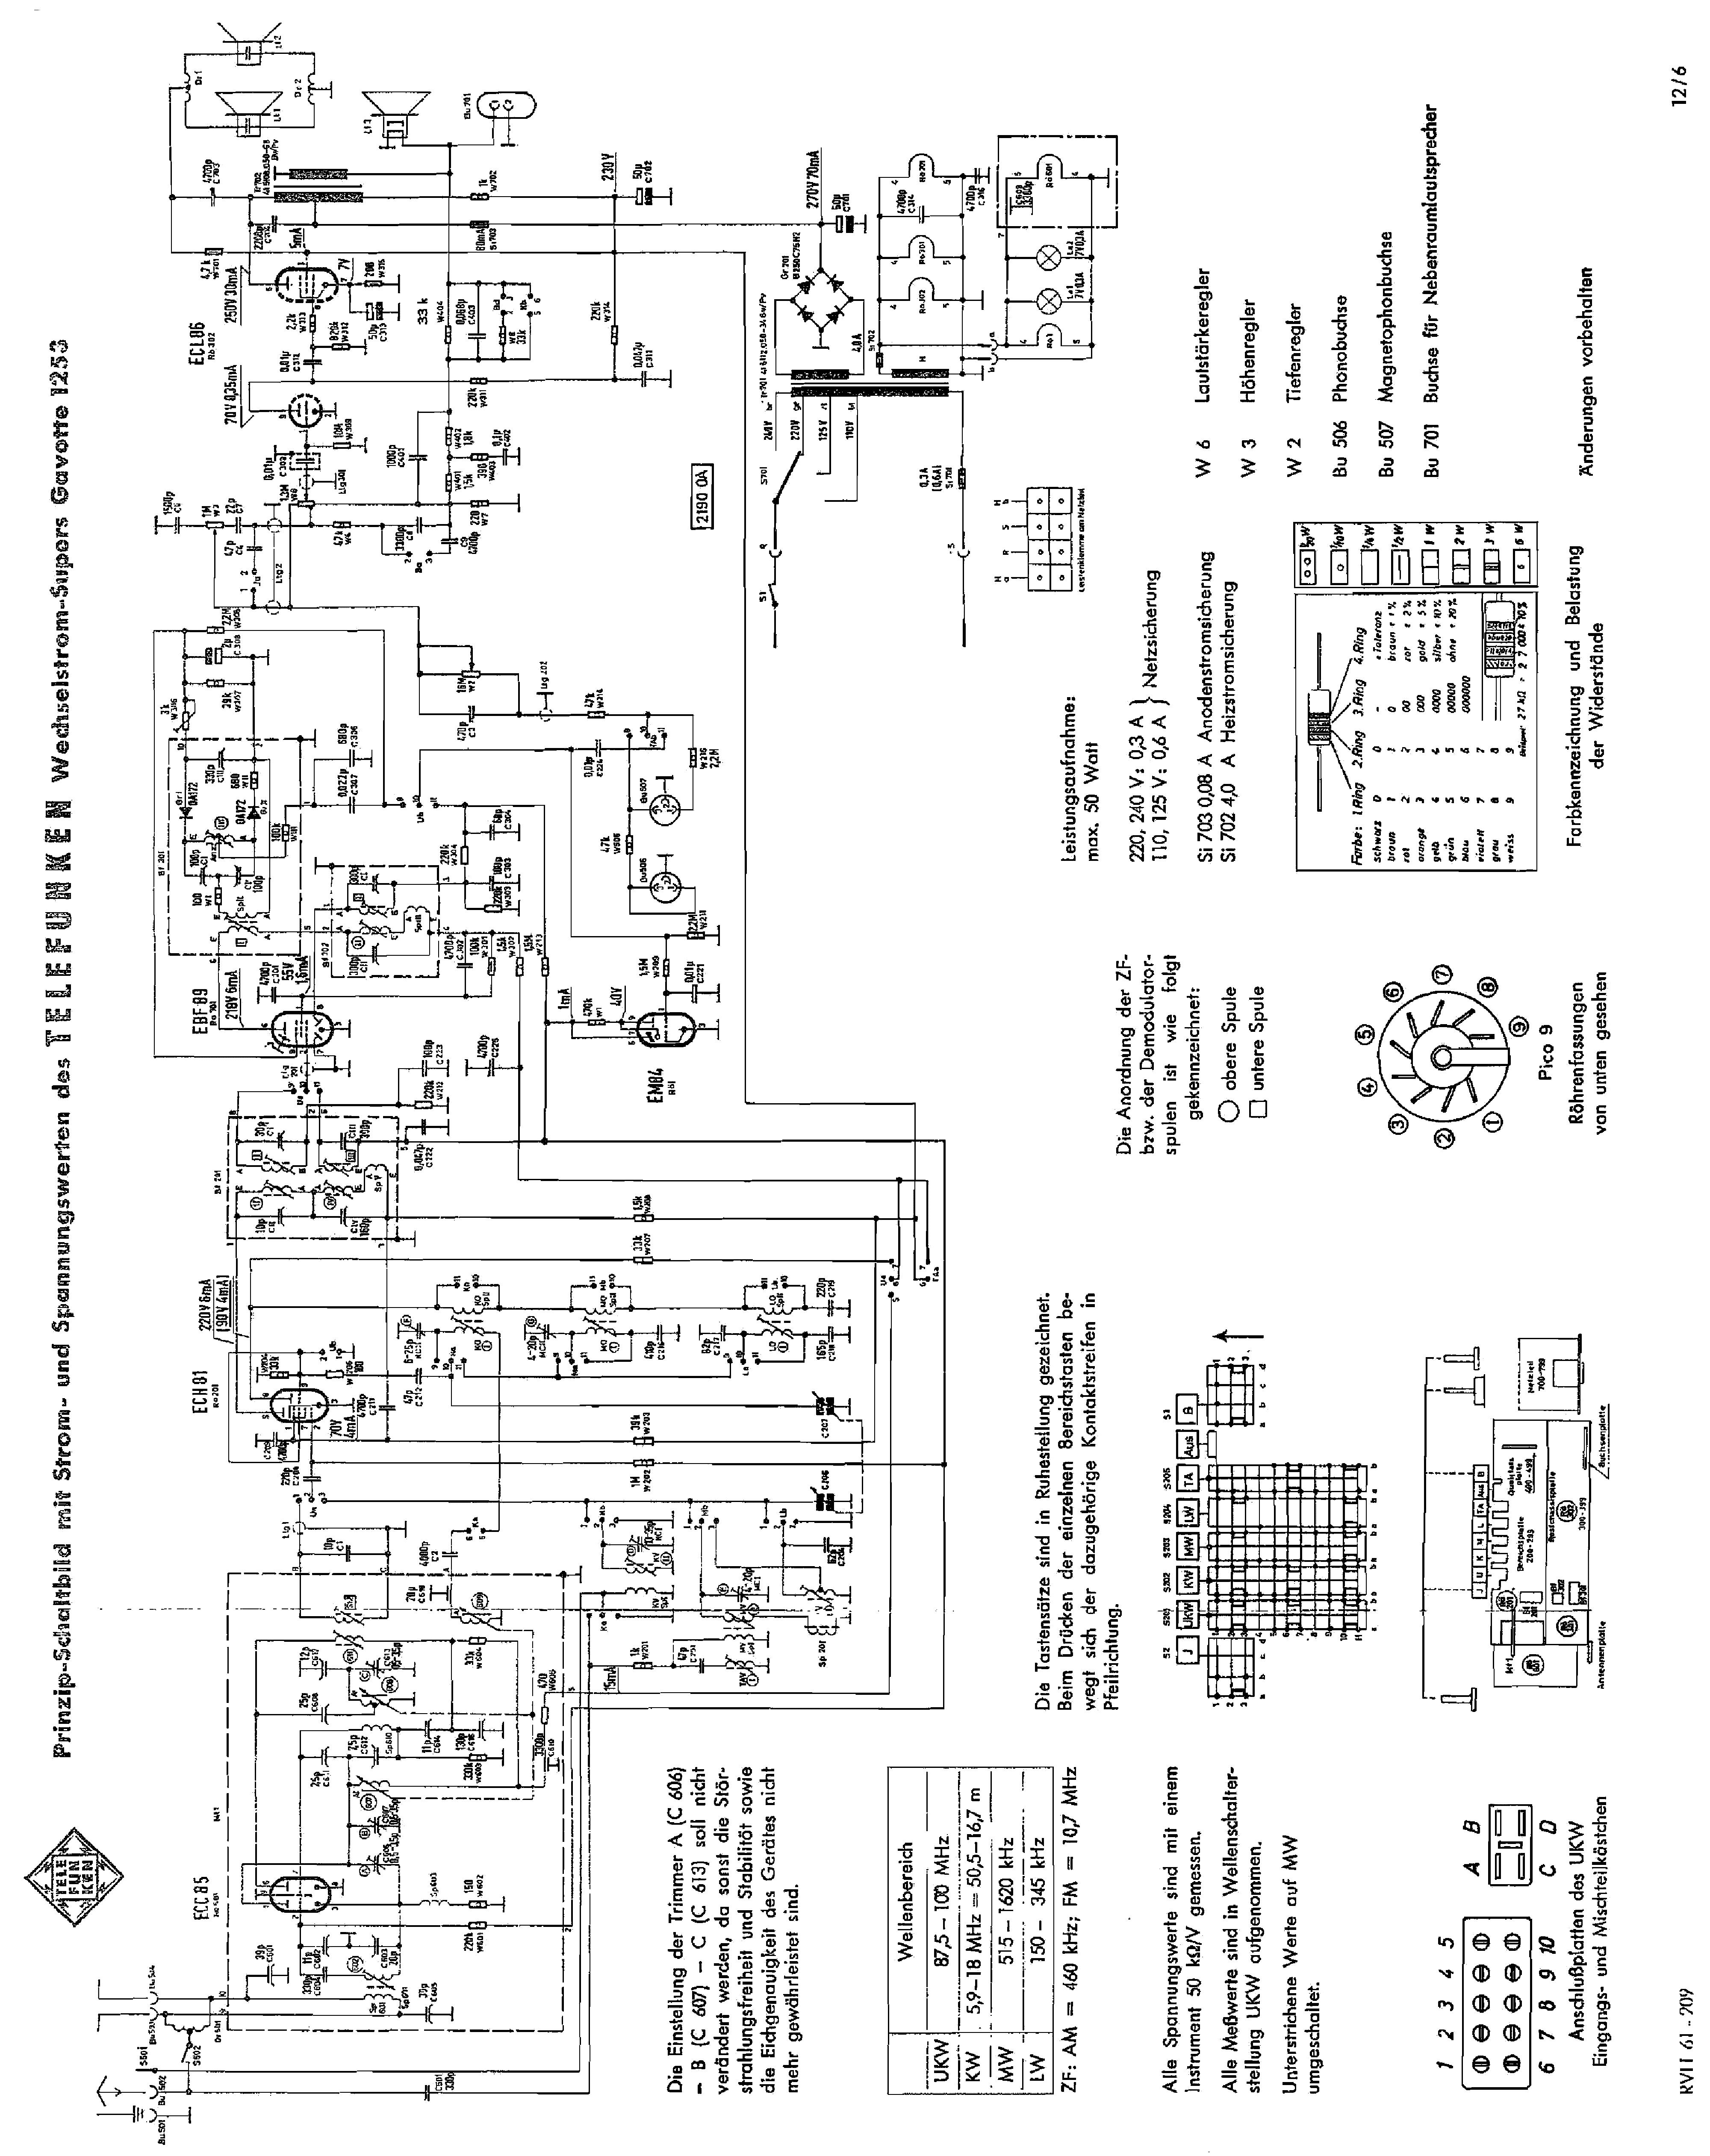 telefunken gavotte1253 radio sch service manual download schematics rh elektrotanya com Radio Telefunken Opus 7 Telefunken Operette